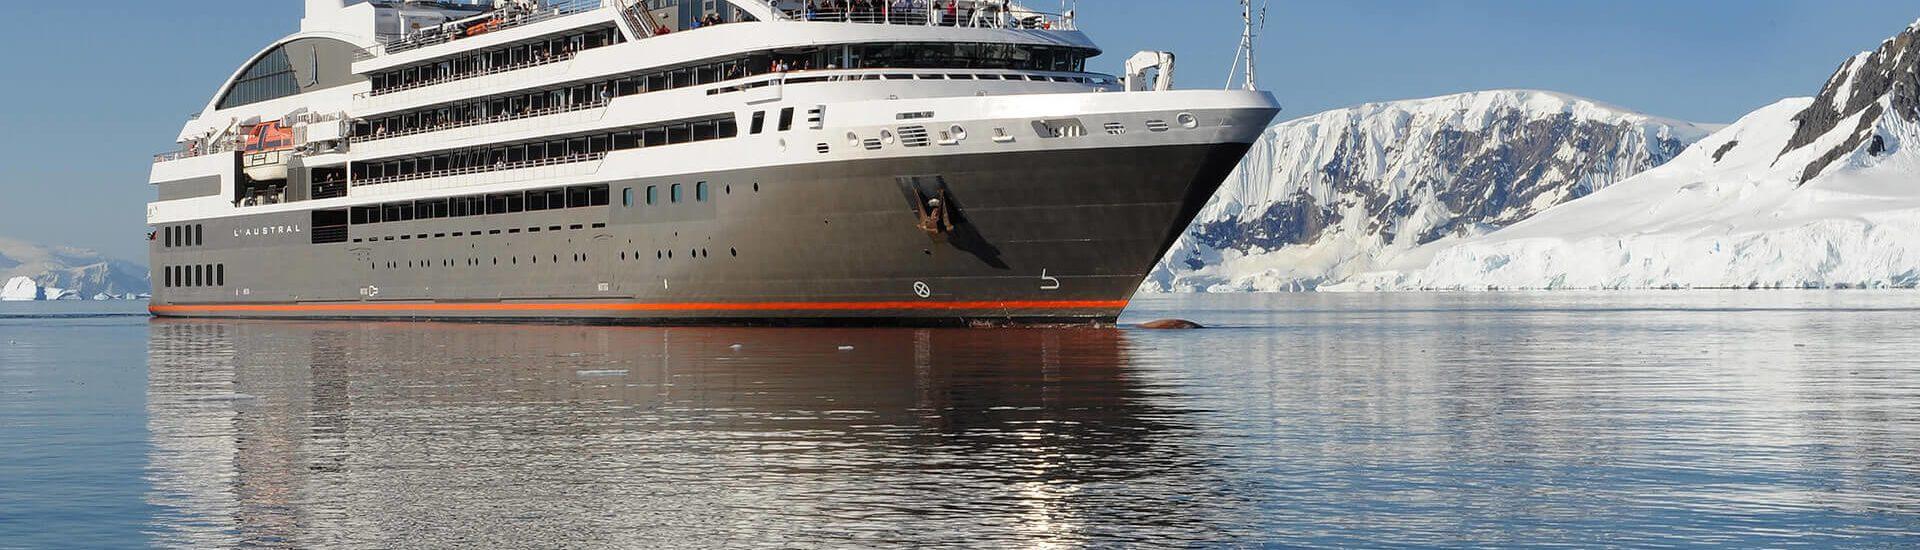 Tourisme de croisière : Ponant, l'armateur français bientôt dans l'Océan Indien